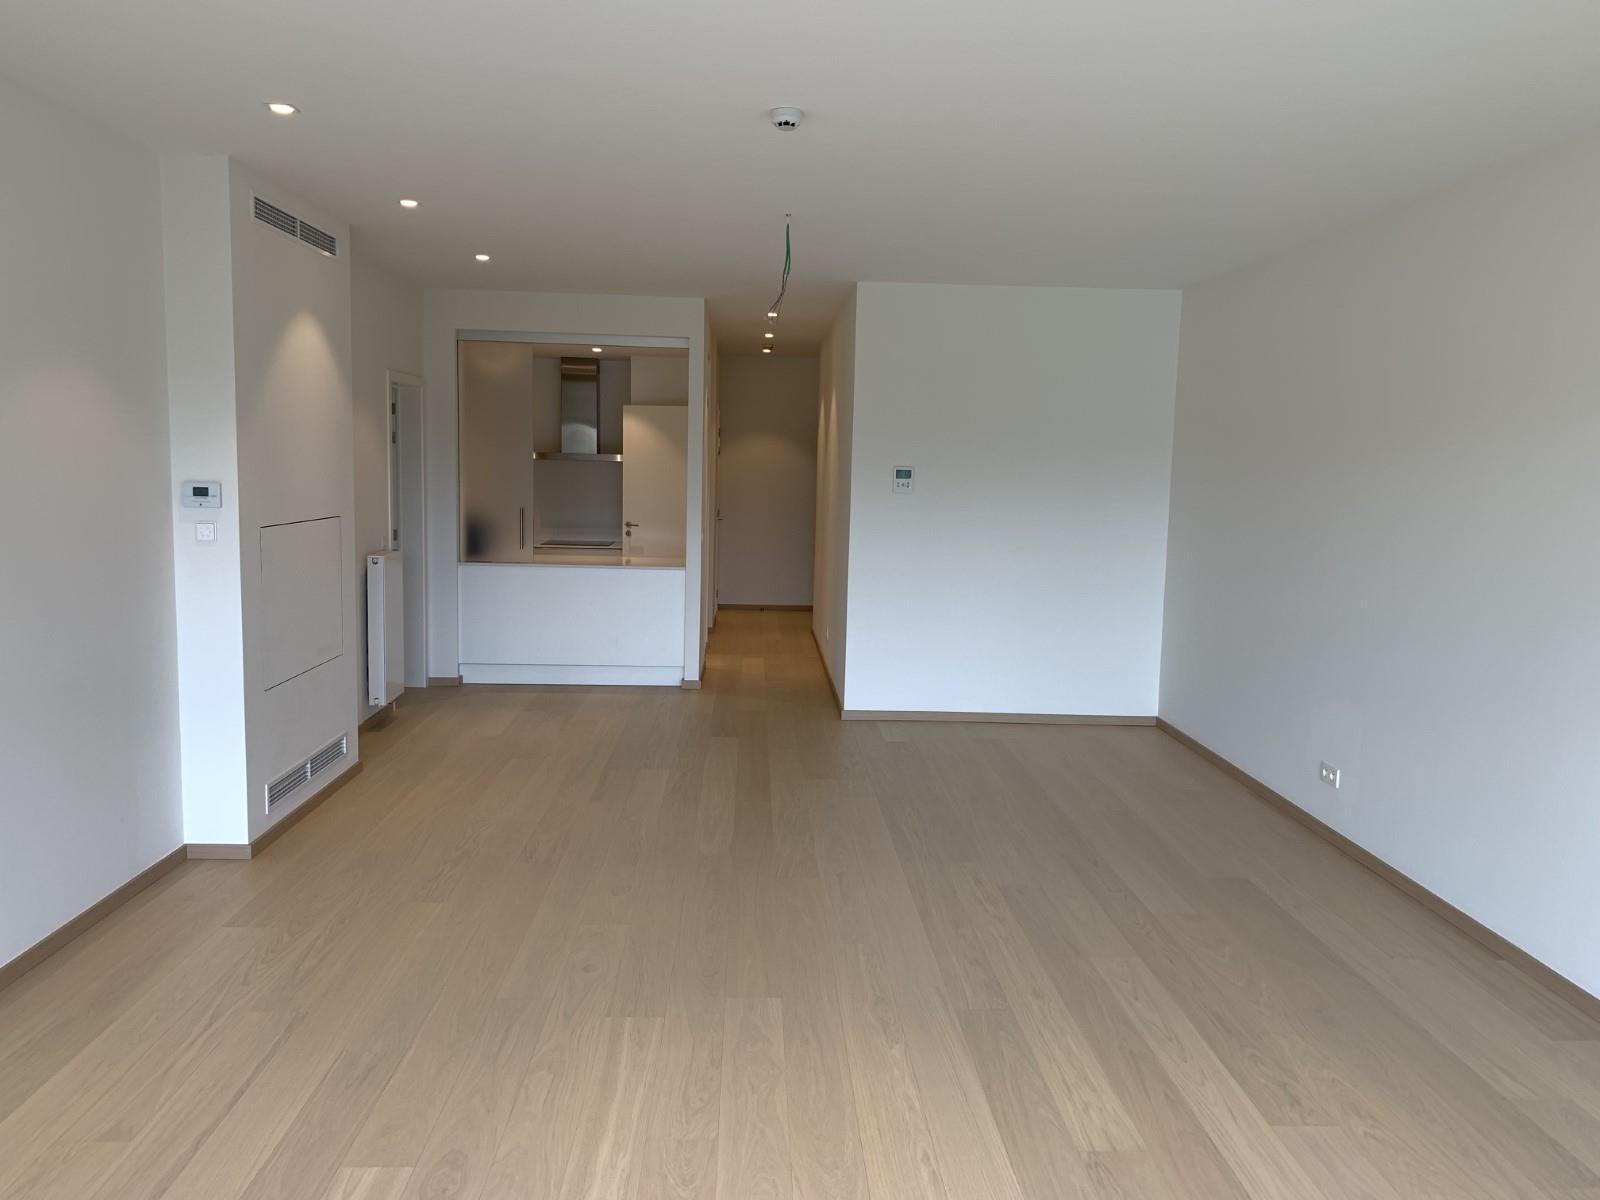 Appartement exceptionnel - Ixelles - #3929607-4